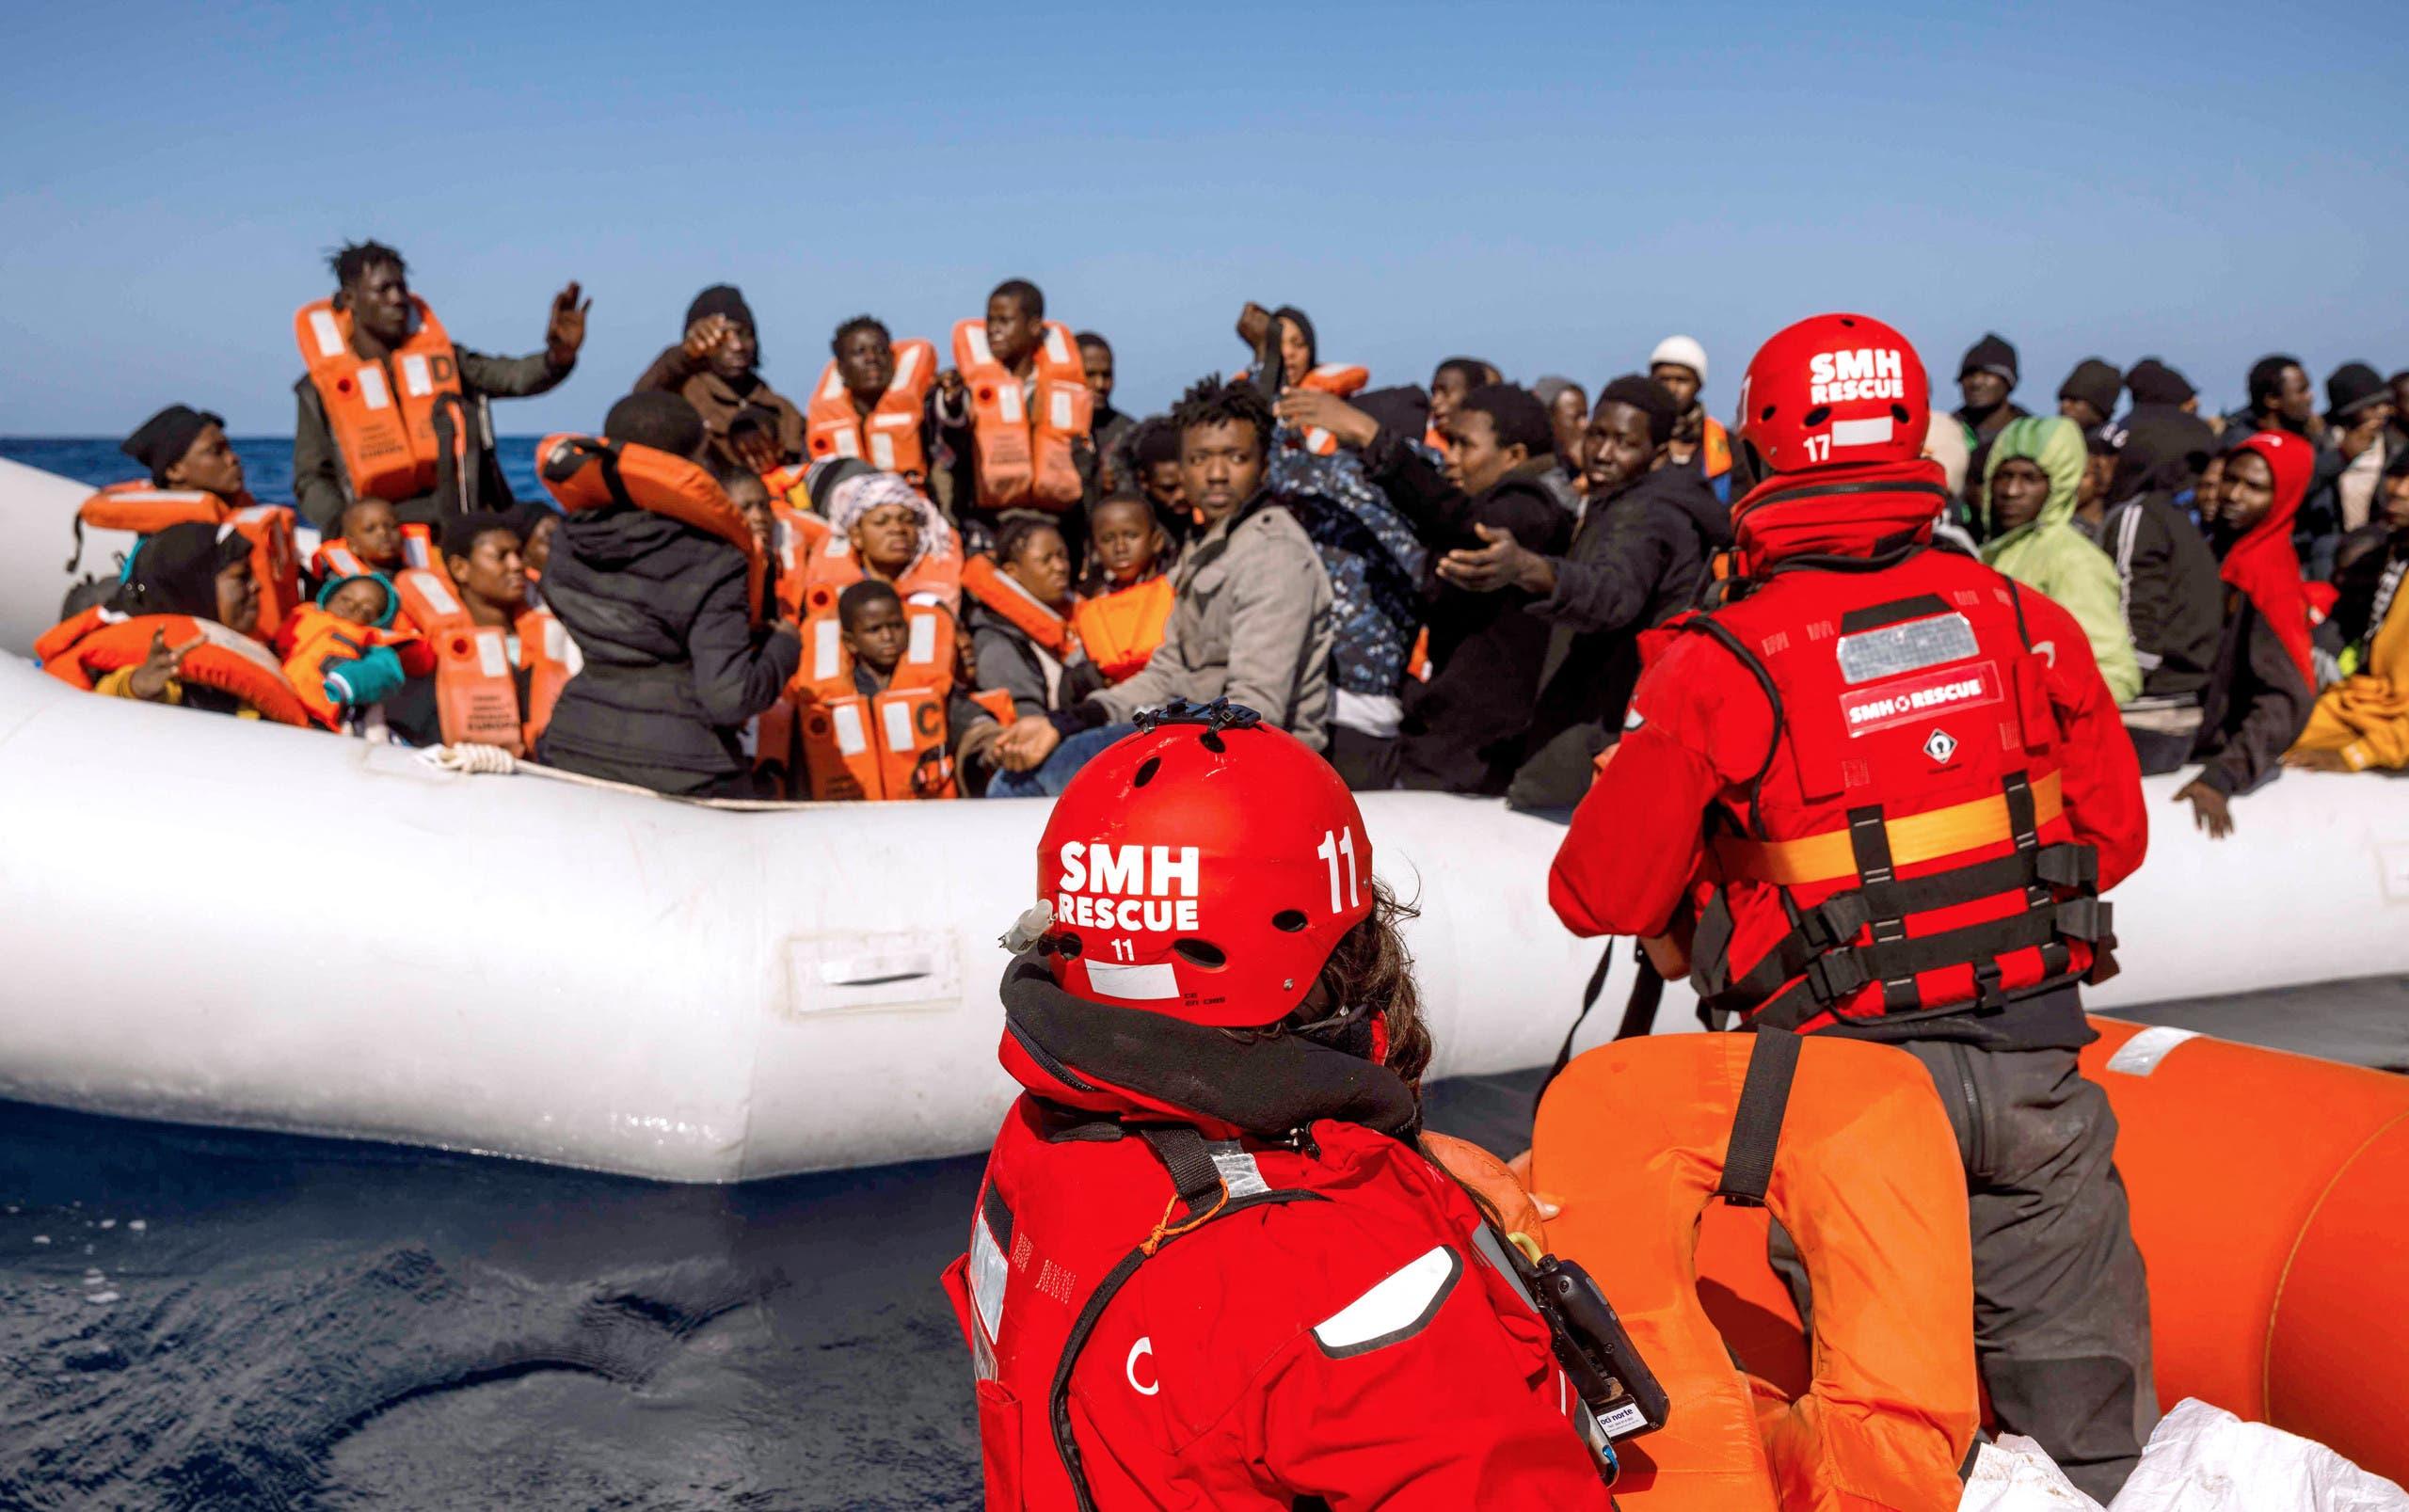 إنقاذ مهاجرين في البحر المتوسط (أرشيفية)